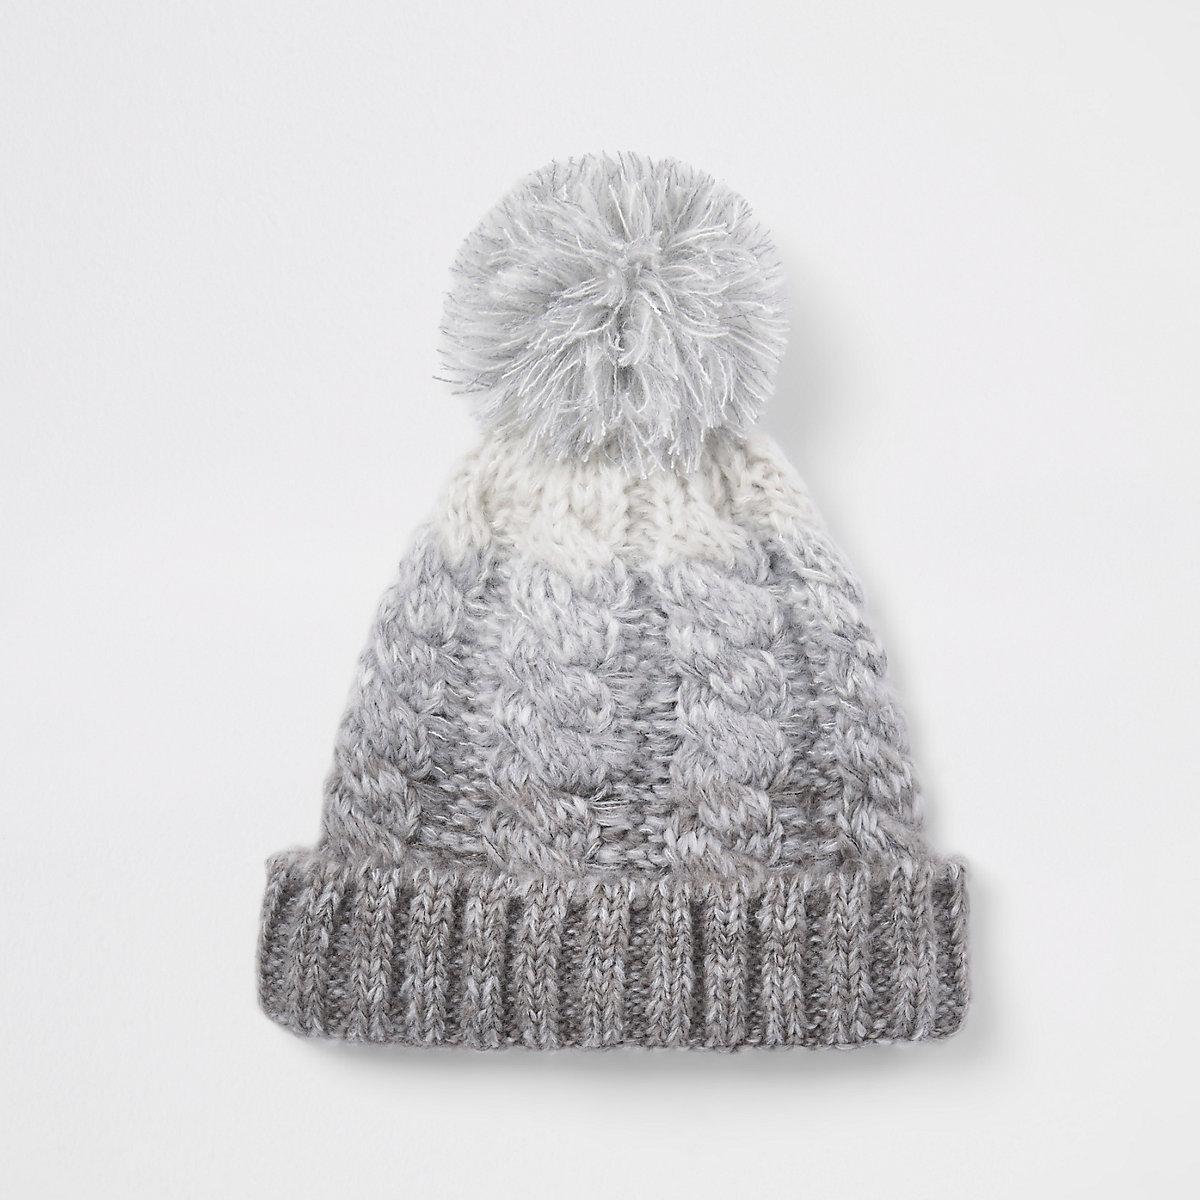 58eb36d7229a Ensemble bonnet et écharpe gris dégradé côtelés - Chapeaux ...